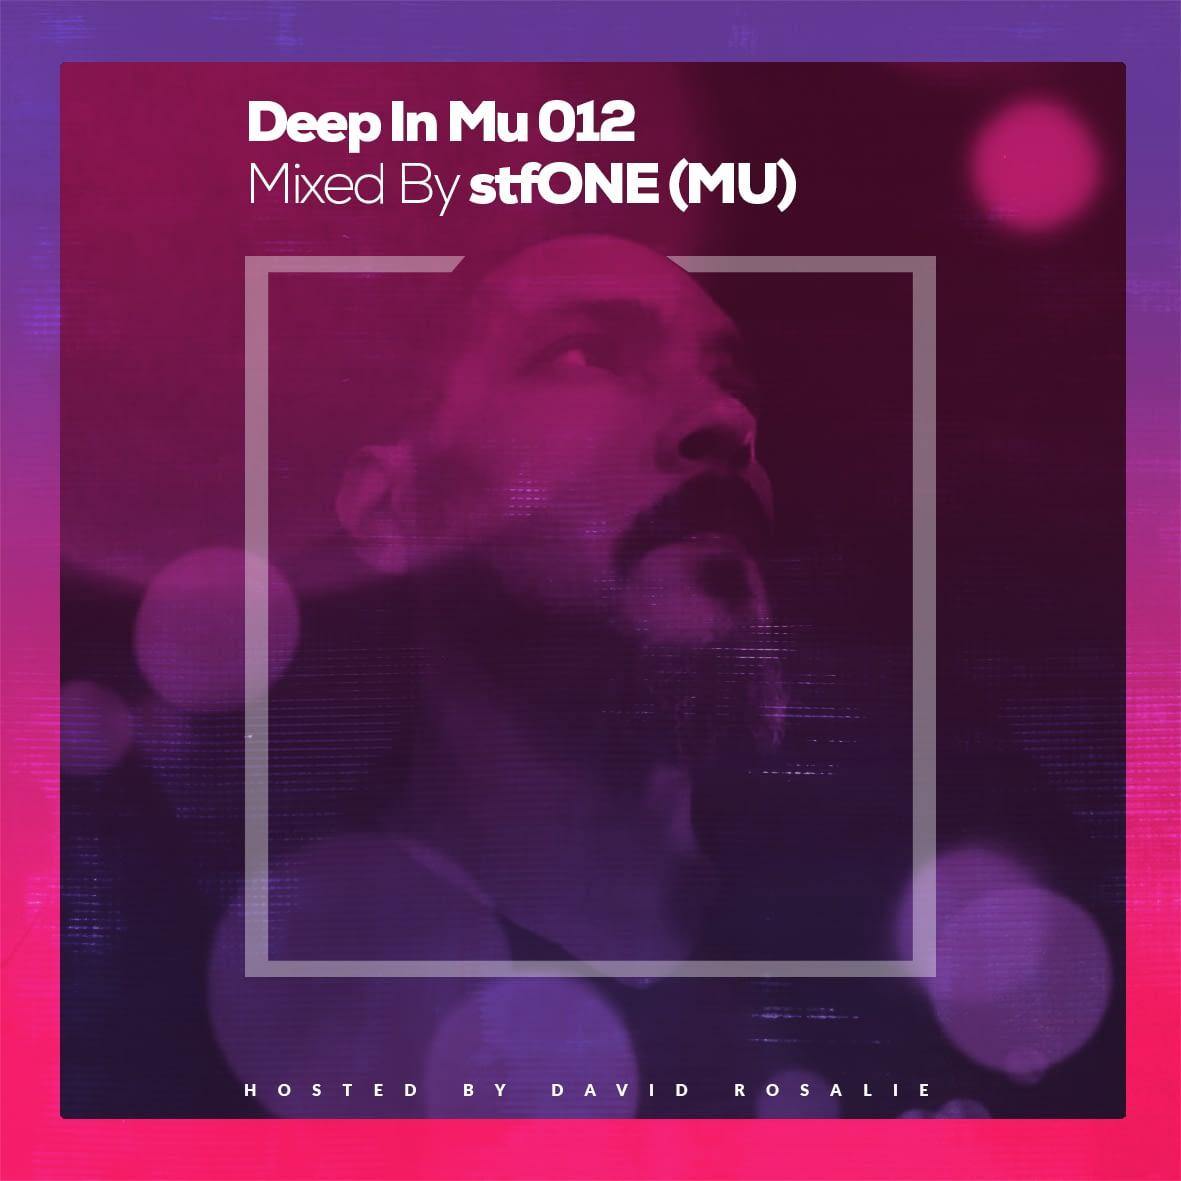 Deep In Mu 012 Mixed By stfONEOne (MU)